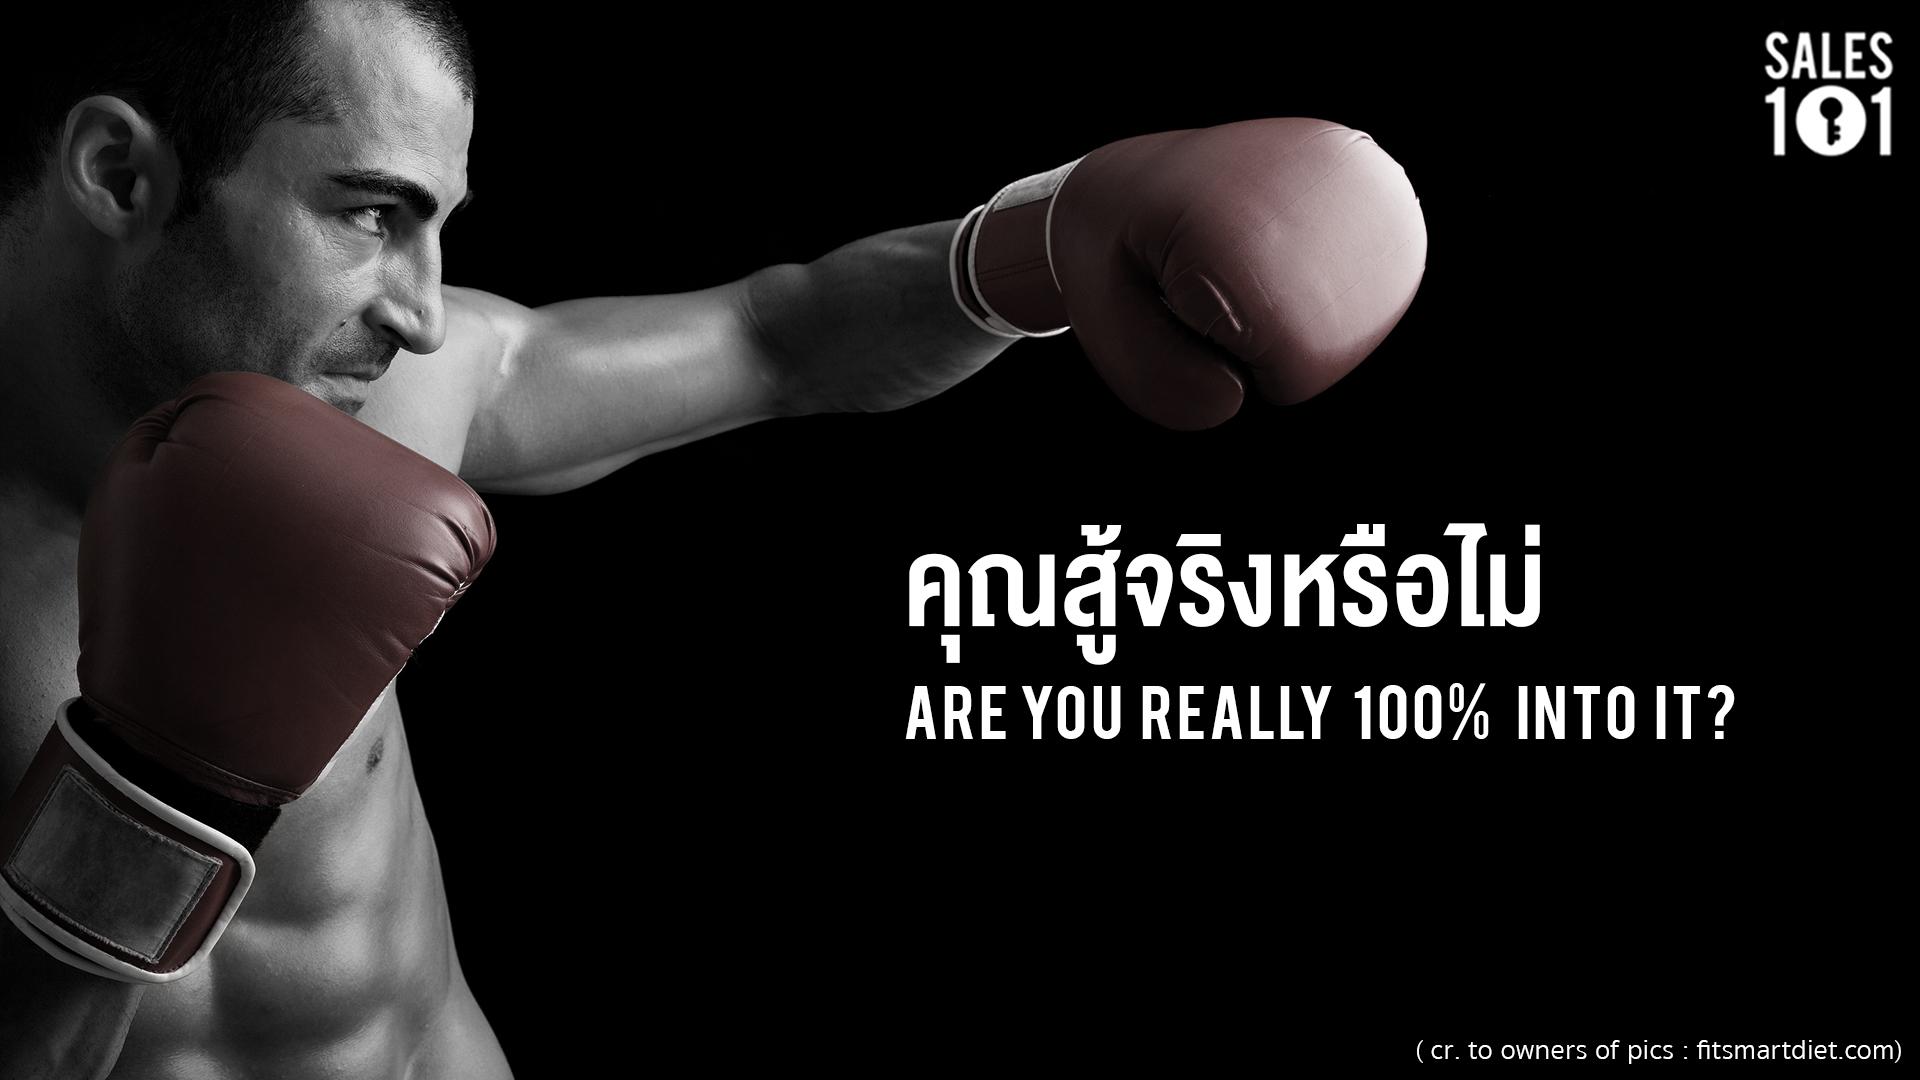 คุณสู้จริงหรือไม่